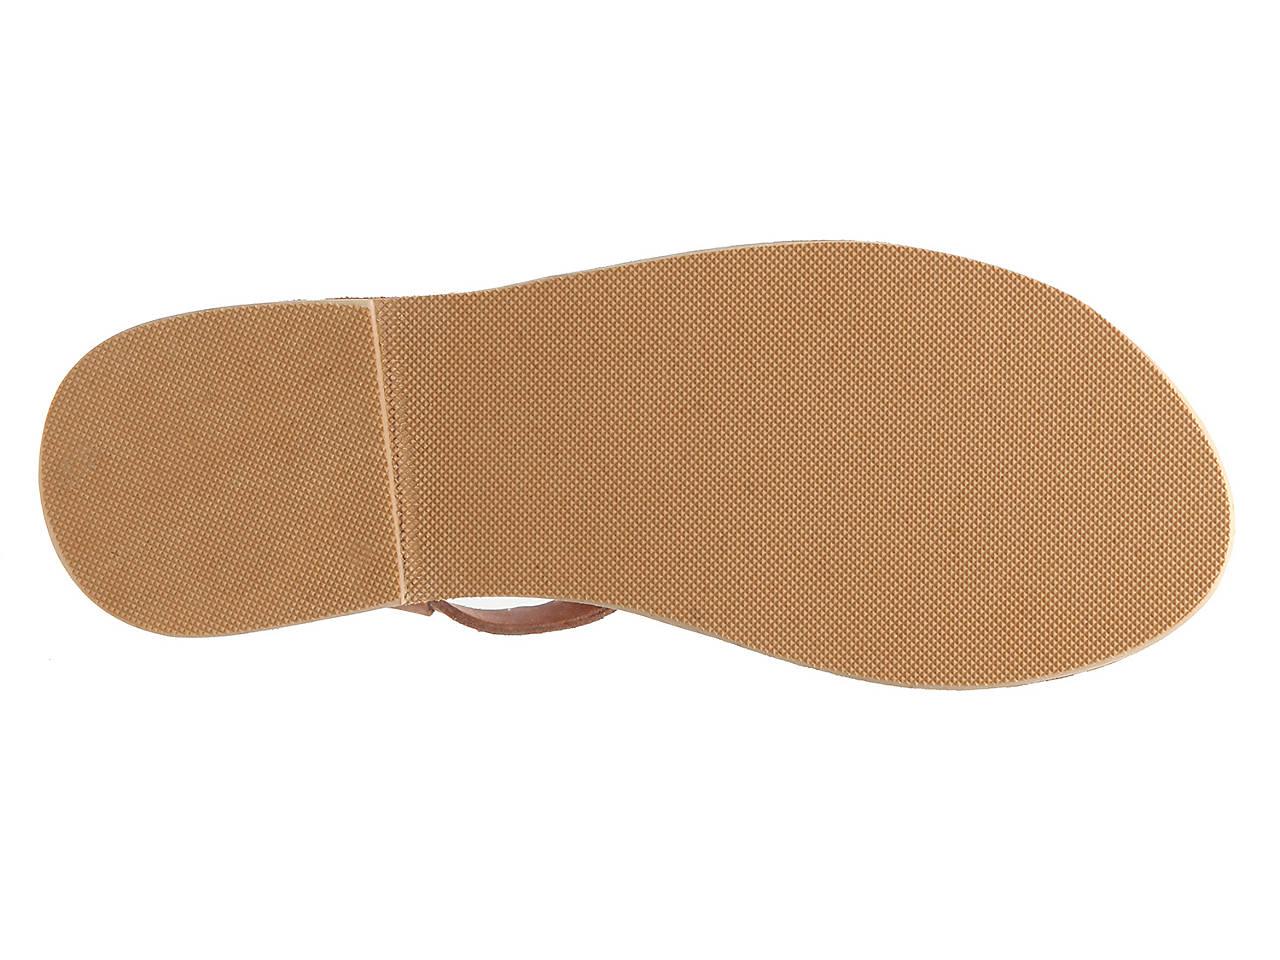 b02b0991d6882 Sseko Designs T-Strap Accent Flat Sandal Women s Shoes